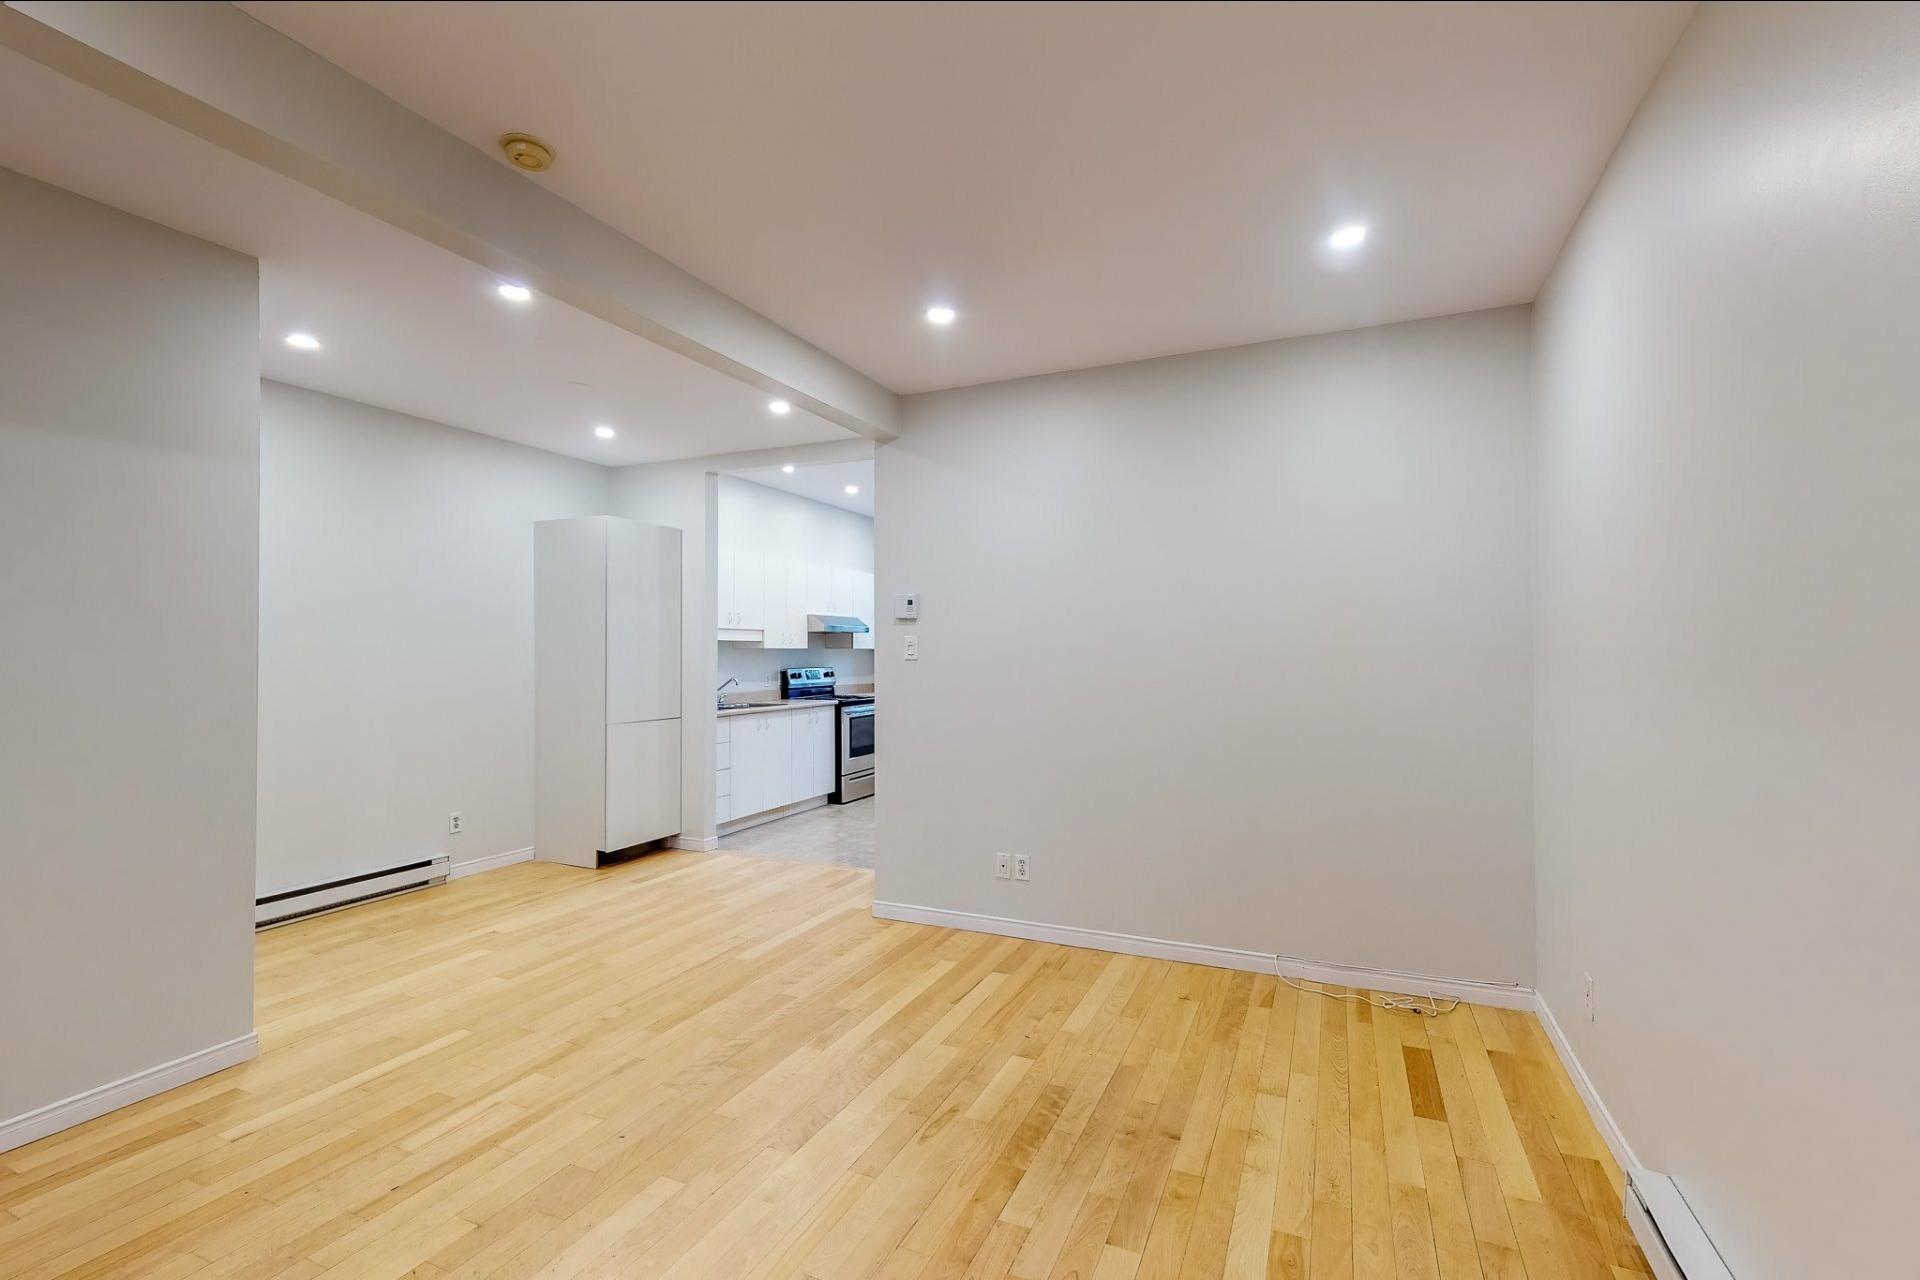 image 4 - Apartment For rent Le Plateau-Mont-Royal Montréal  - 5 rooms